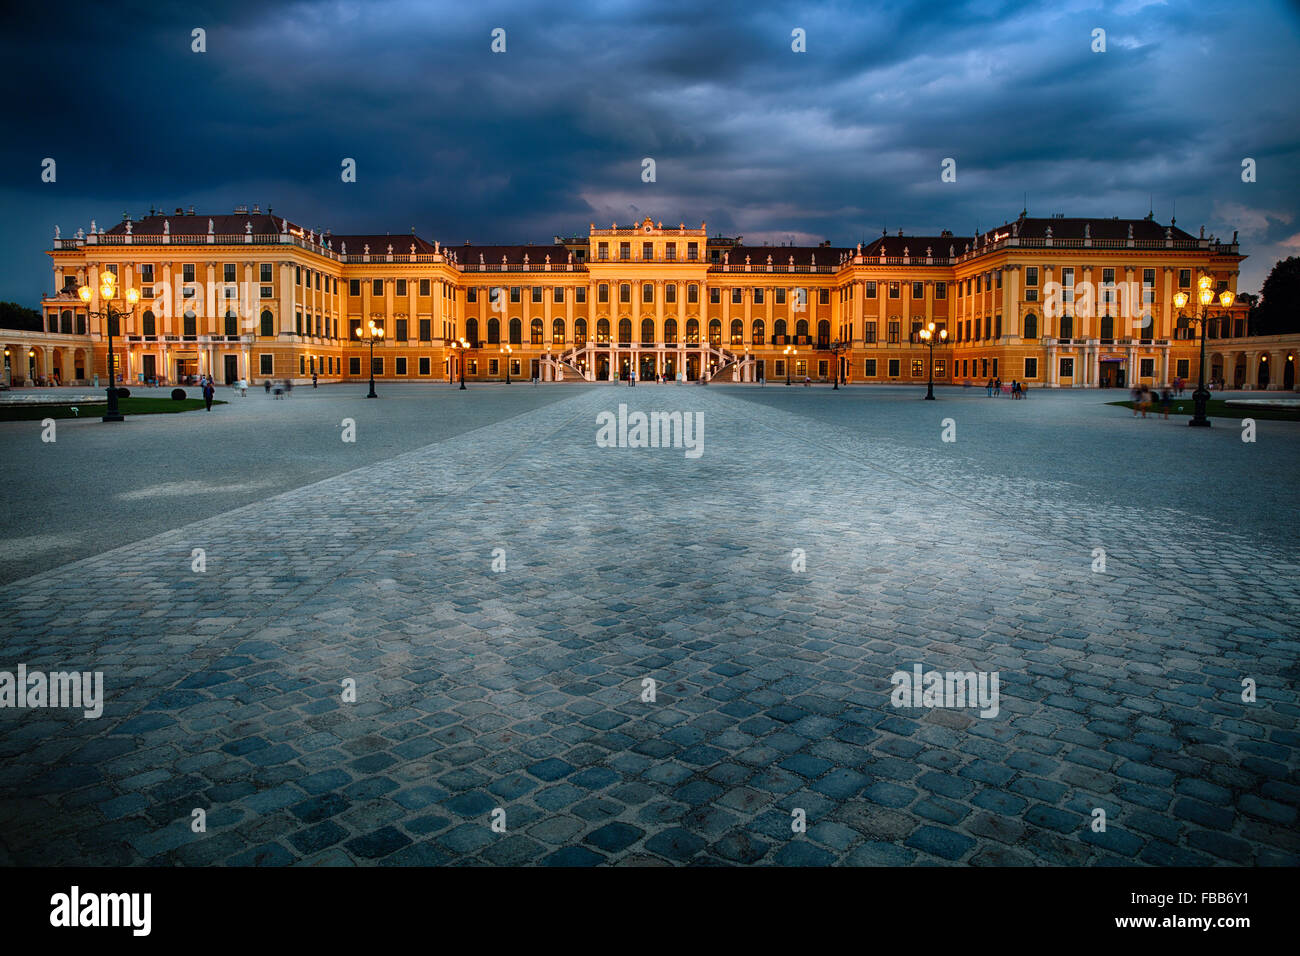 Portrait d'un palais baroque éclairé la nuit, Palais de Schonbrunn, Vienne, Autriche Photo Stock